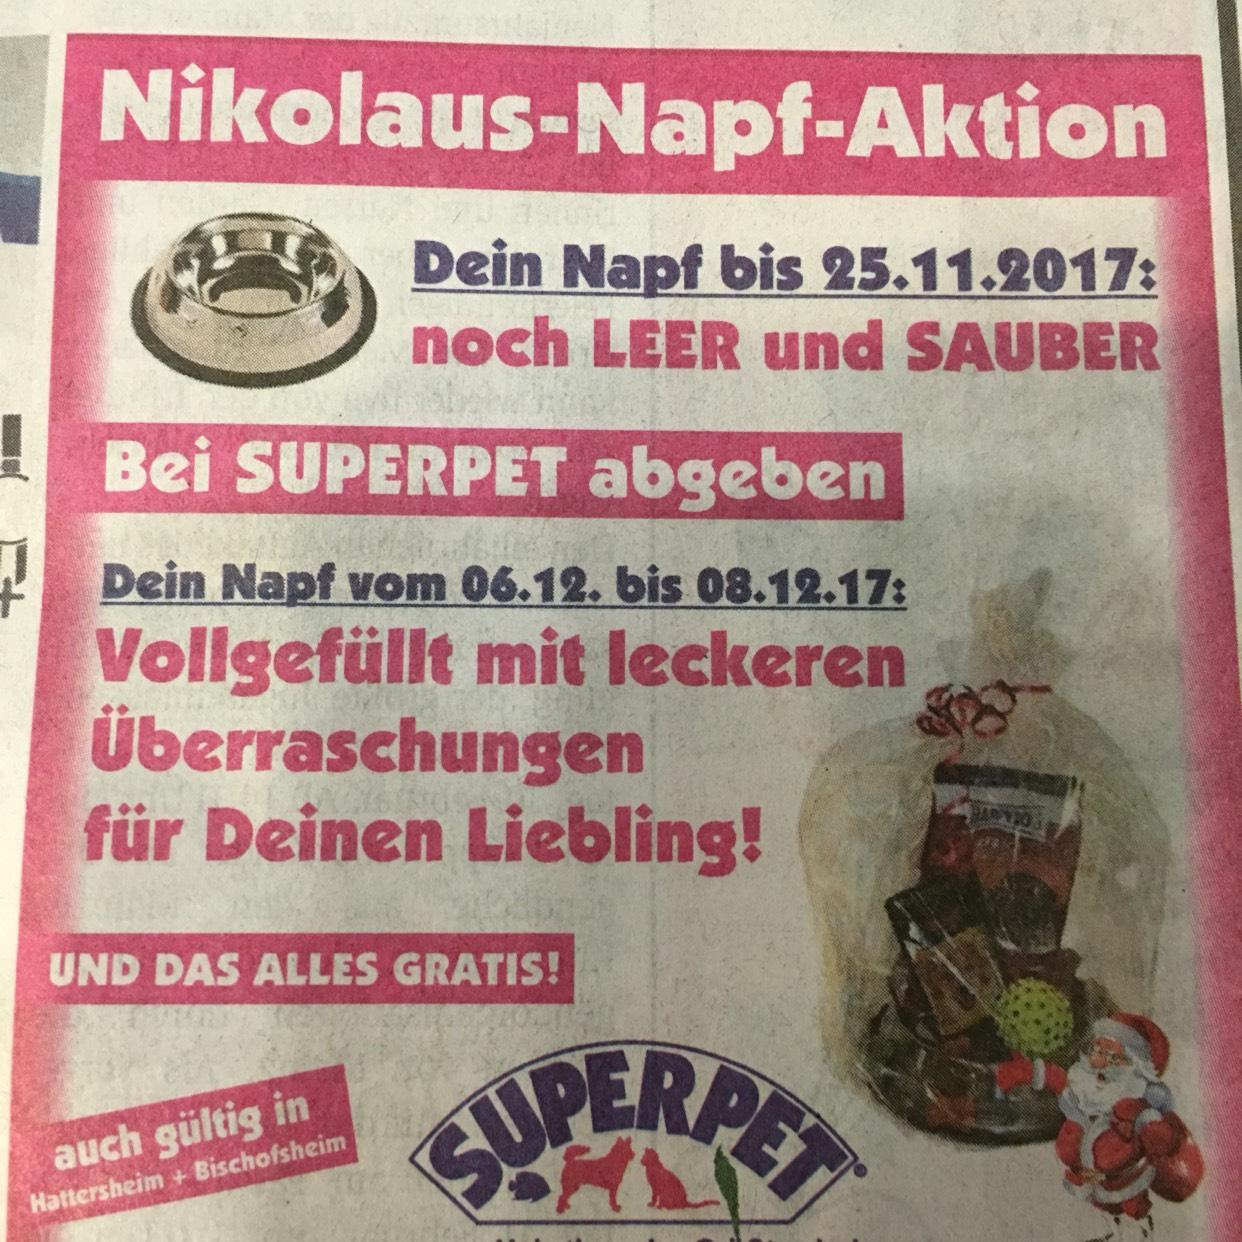 Nikolaus Napf Aktion bei SUPERPET bis 25.11.2017 in Mainz Bischofsheim Hattersheim Katzen Hunde Futter kostenlos